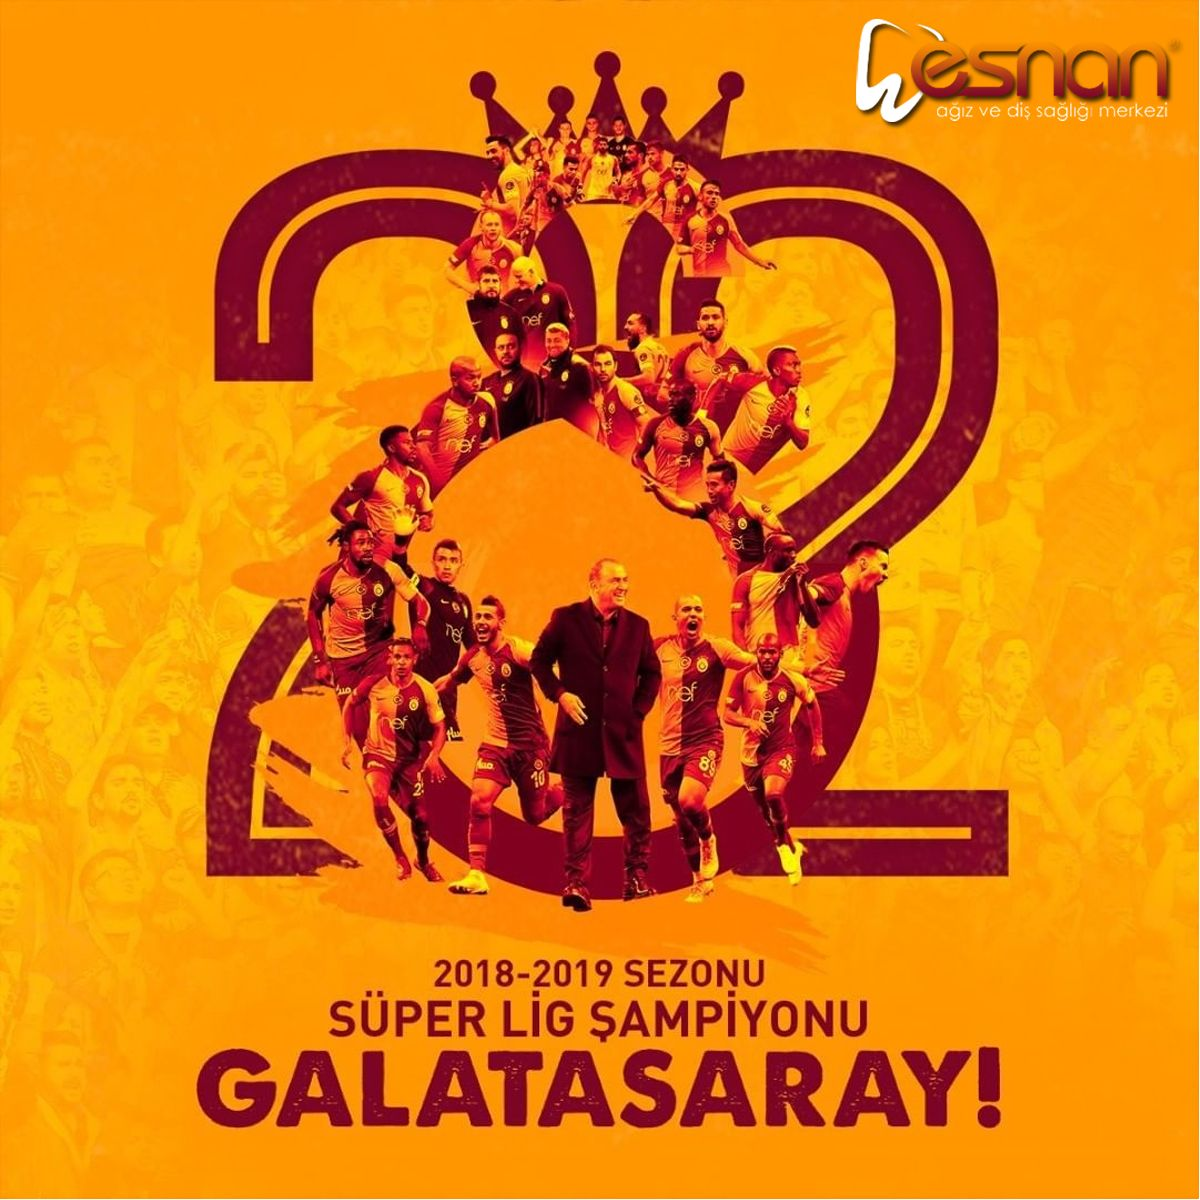 Sampiyon Galatasaray Duvar Kagidi Duvar Duvar Kagitlari